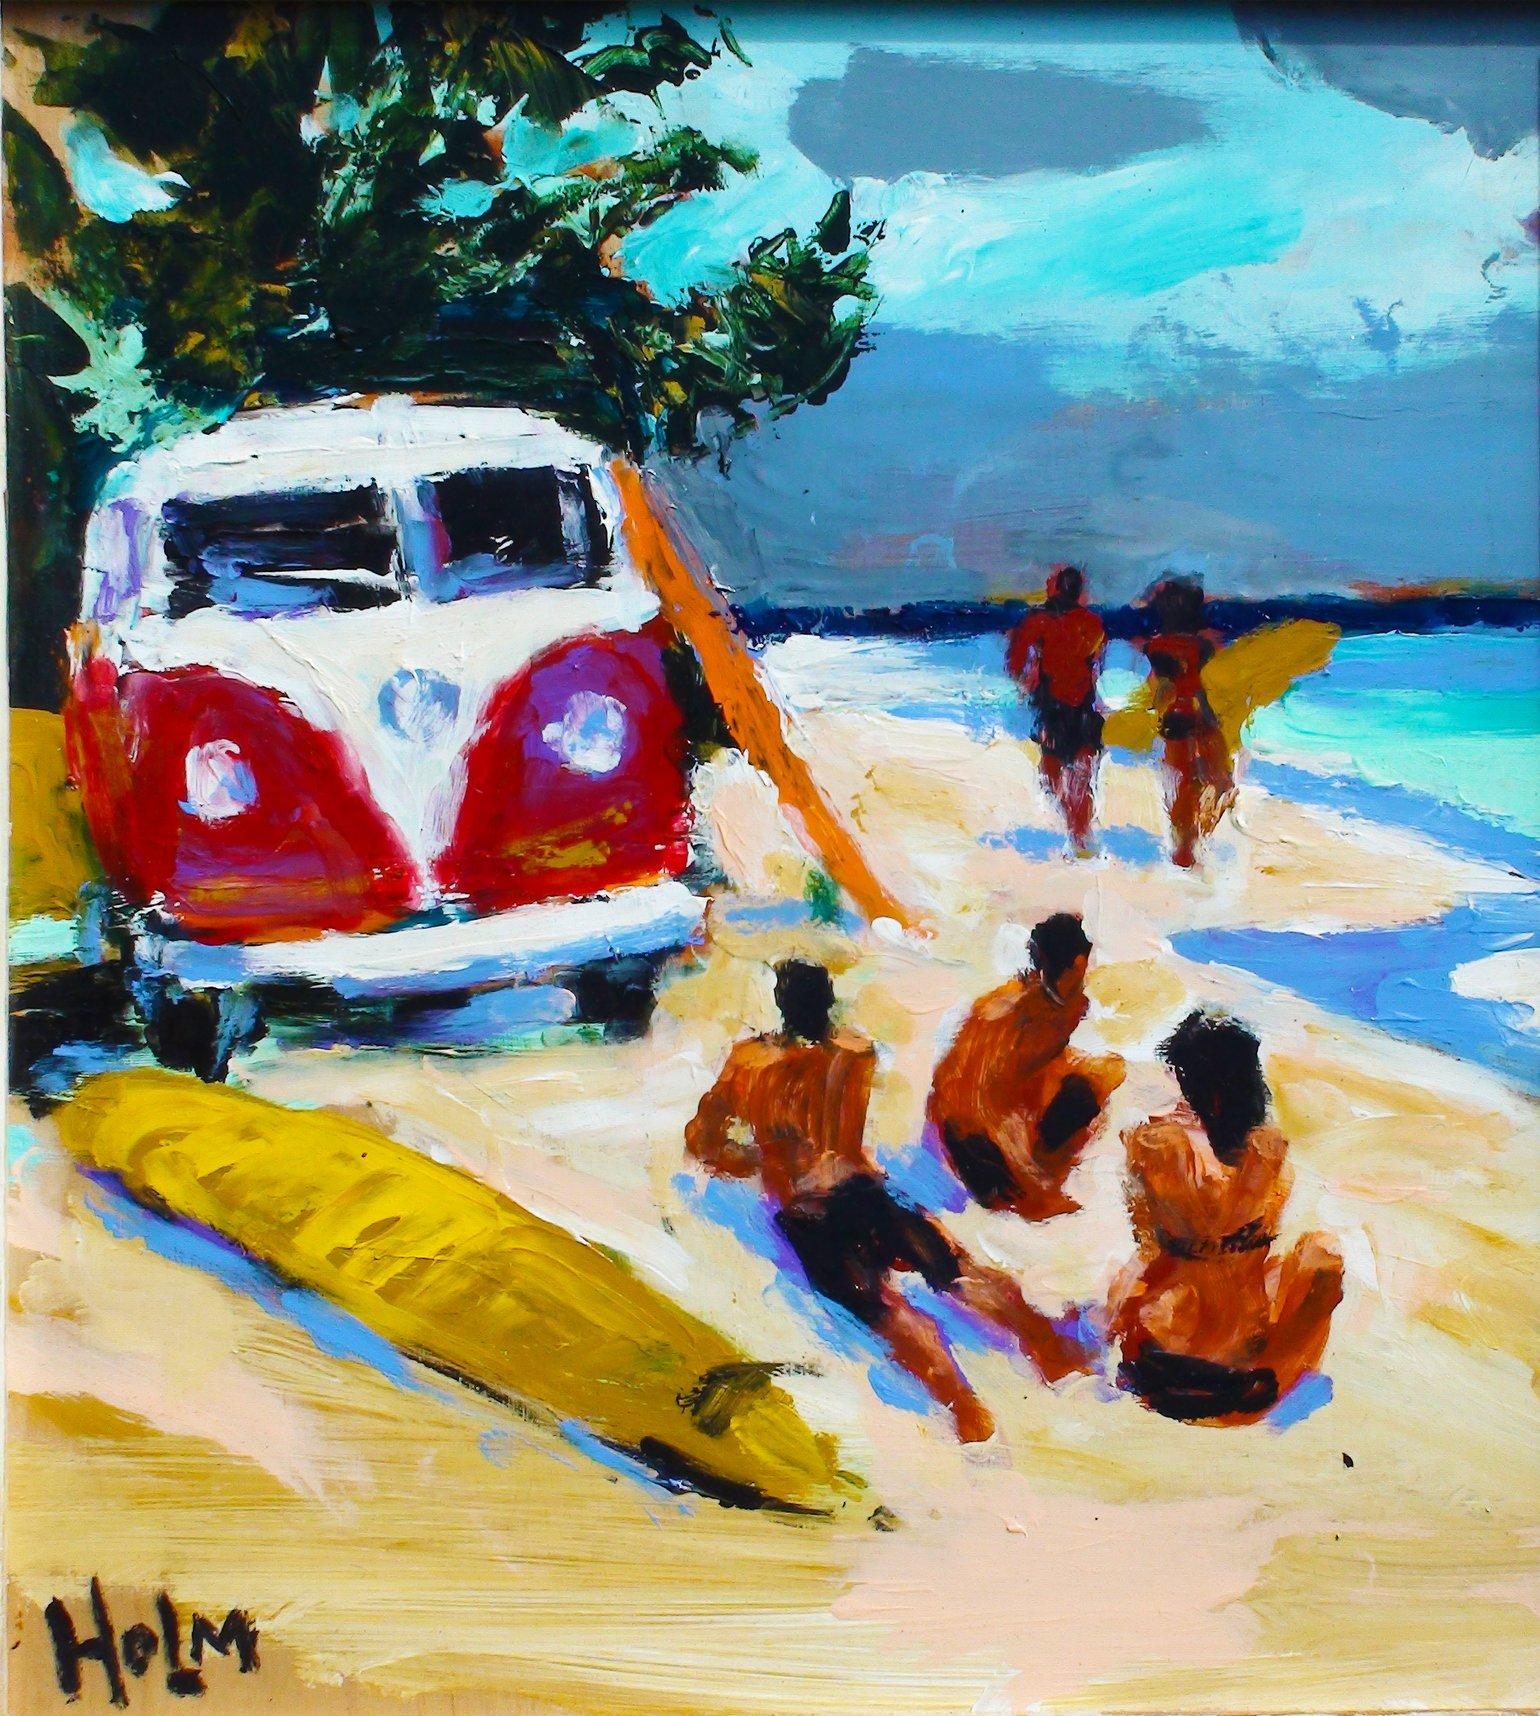 Image of Beach bus